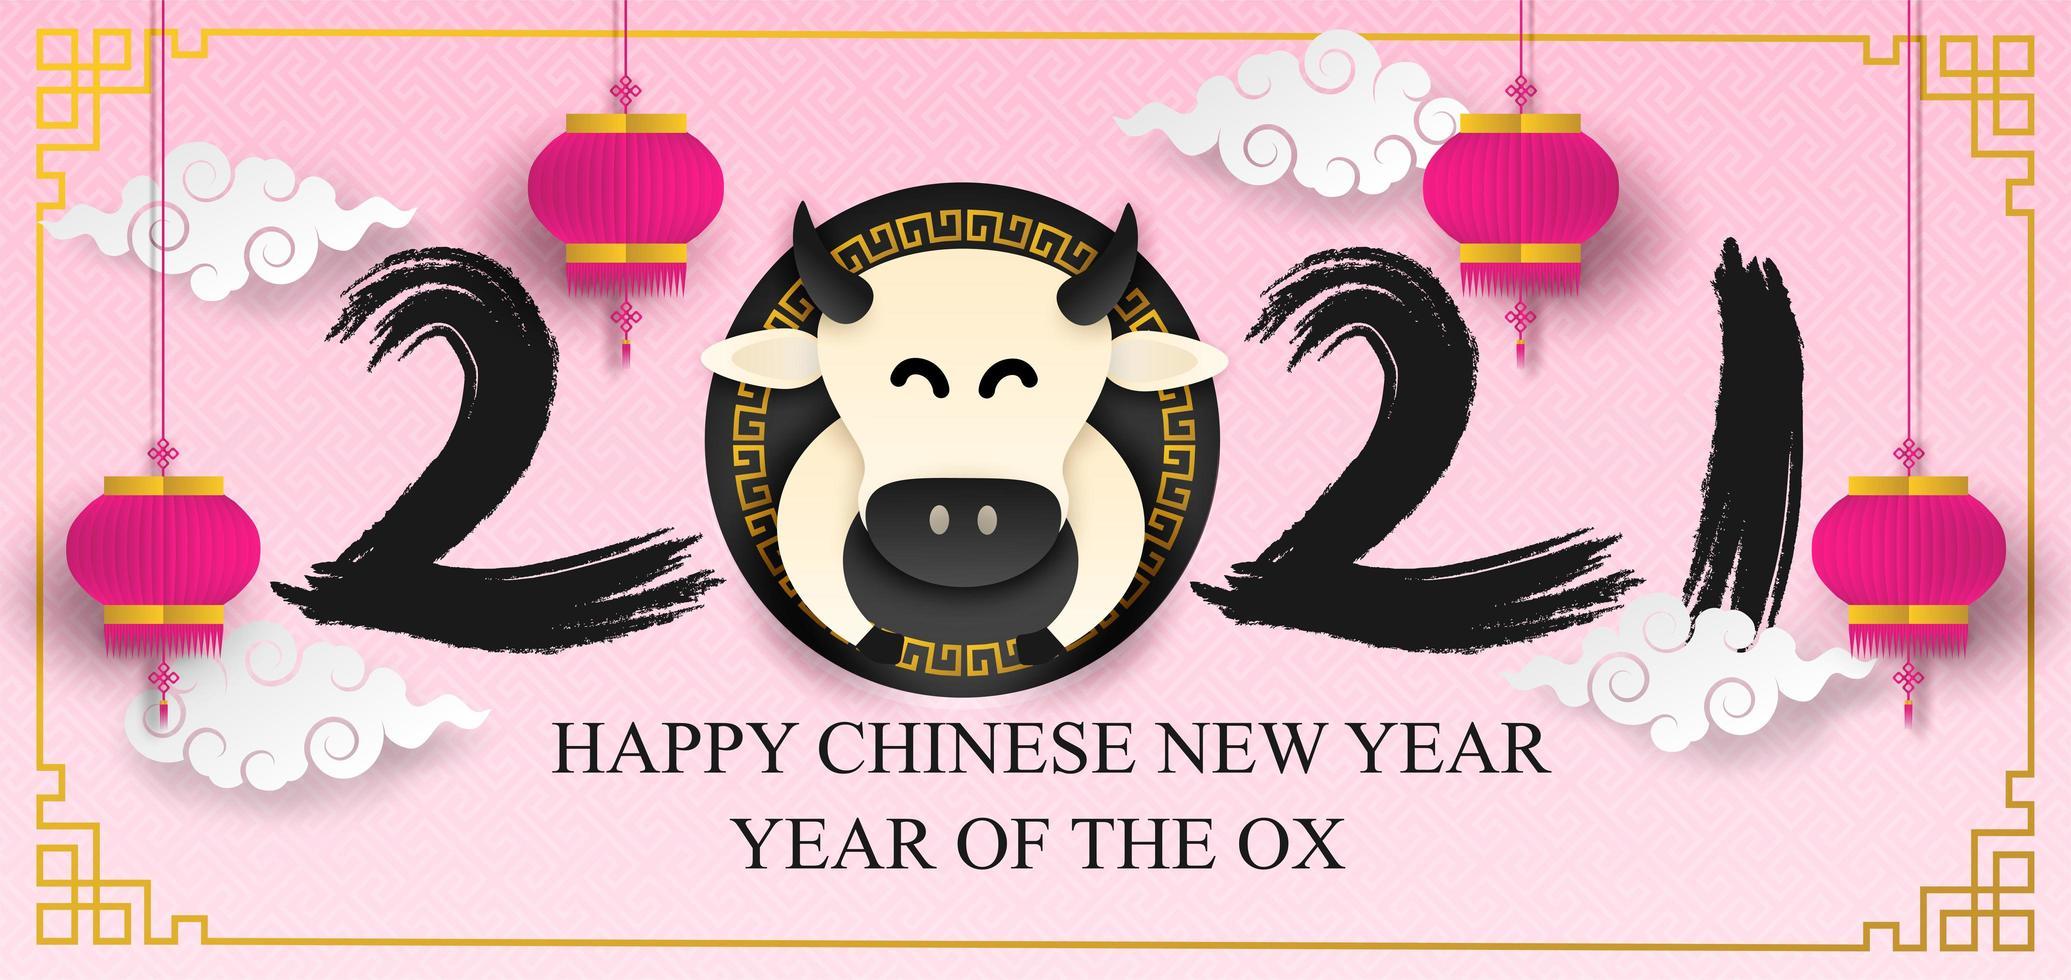 texto de ano novo chinês 2021 e boi em rosa vetor